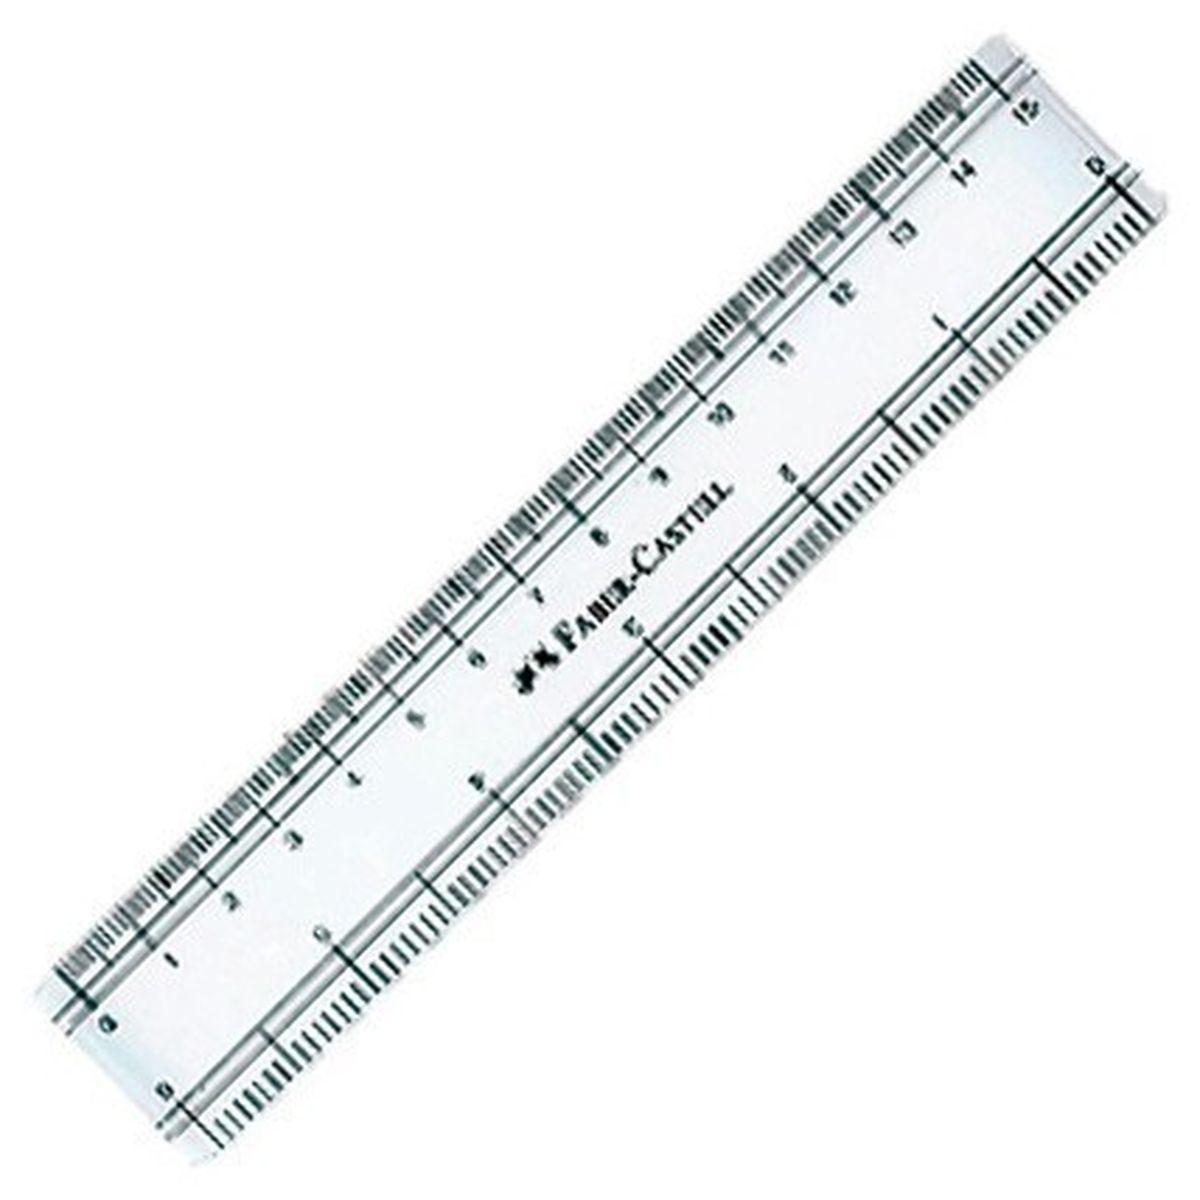 Faber-Castell Линейка 15 см170640Линейка Faber-Castell настолько прочная и удобная, что прекрасно подойдет как для школьного технического черчения, так и для более профессиональных измерительных или чертёжных работ. Изделие выполнено из качественного прозрачного пластика и имеет закругленные углы.Длина линейки -15 см.